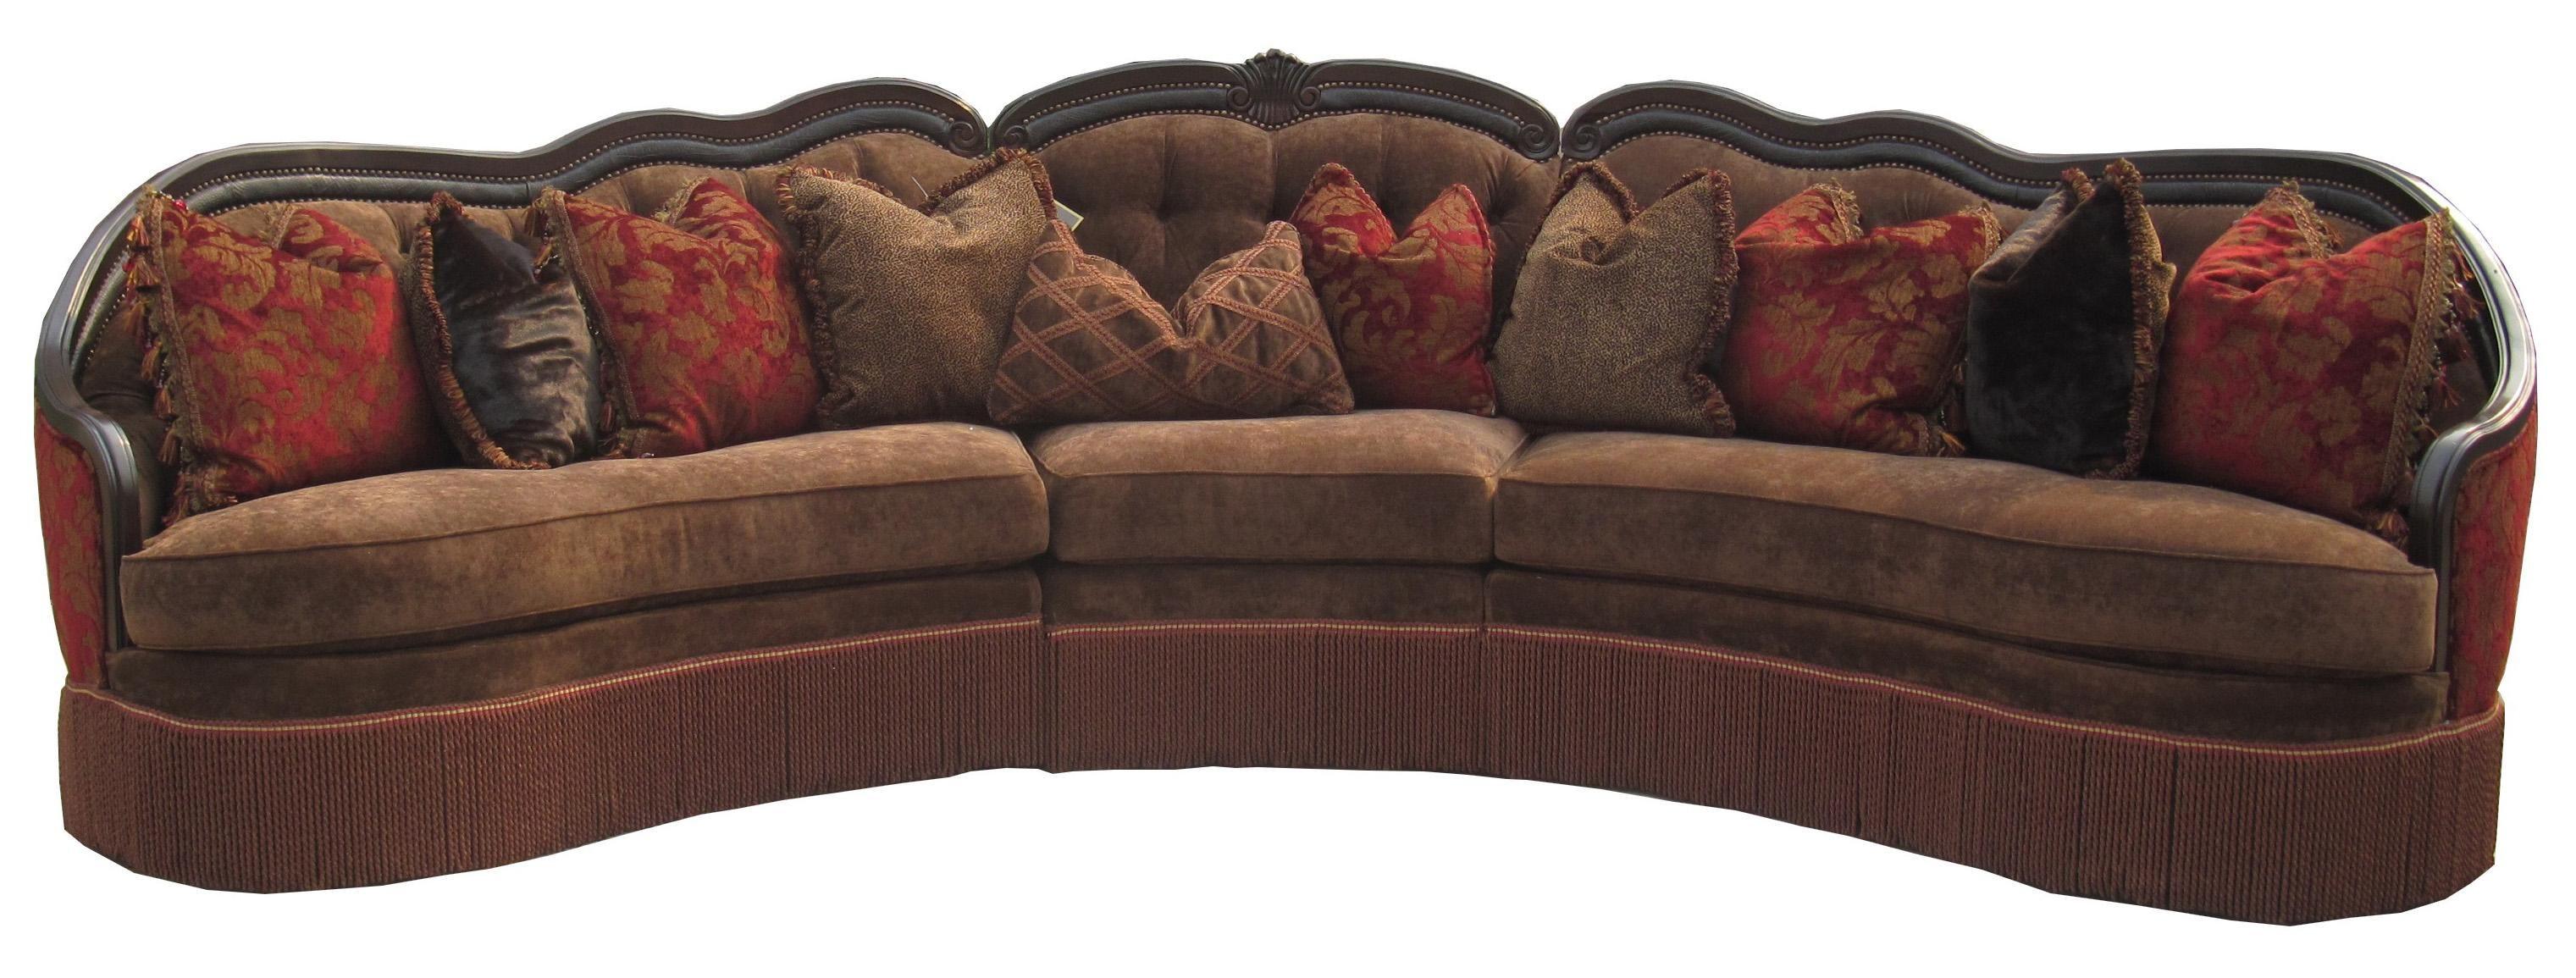 Gigi Gigi 3 Piece Sectional Sofa by Rachlin Classics